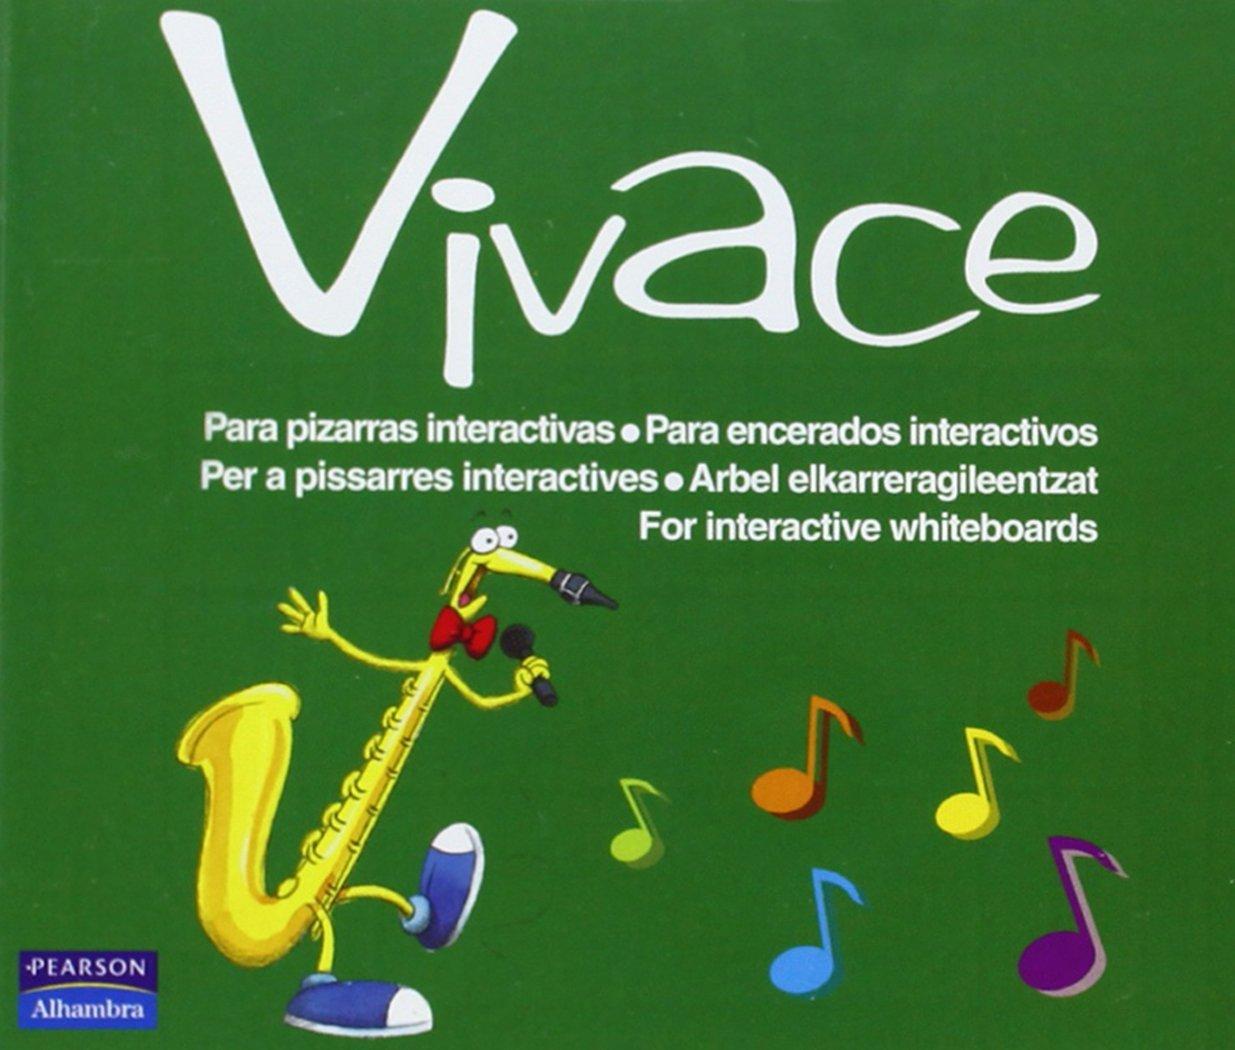 Vivace para pizarras interactivas (Comunidades Autónomas ...